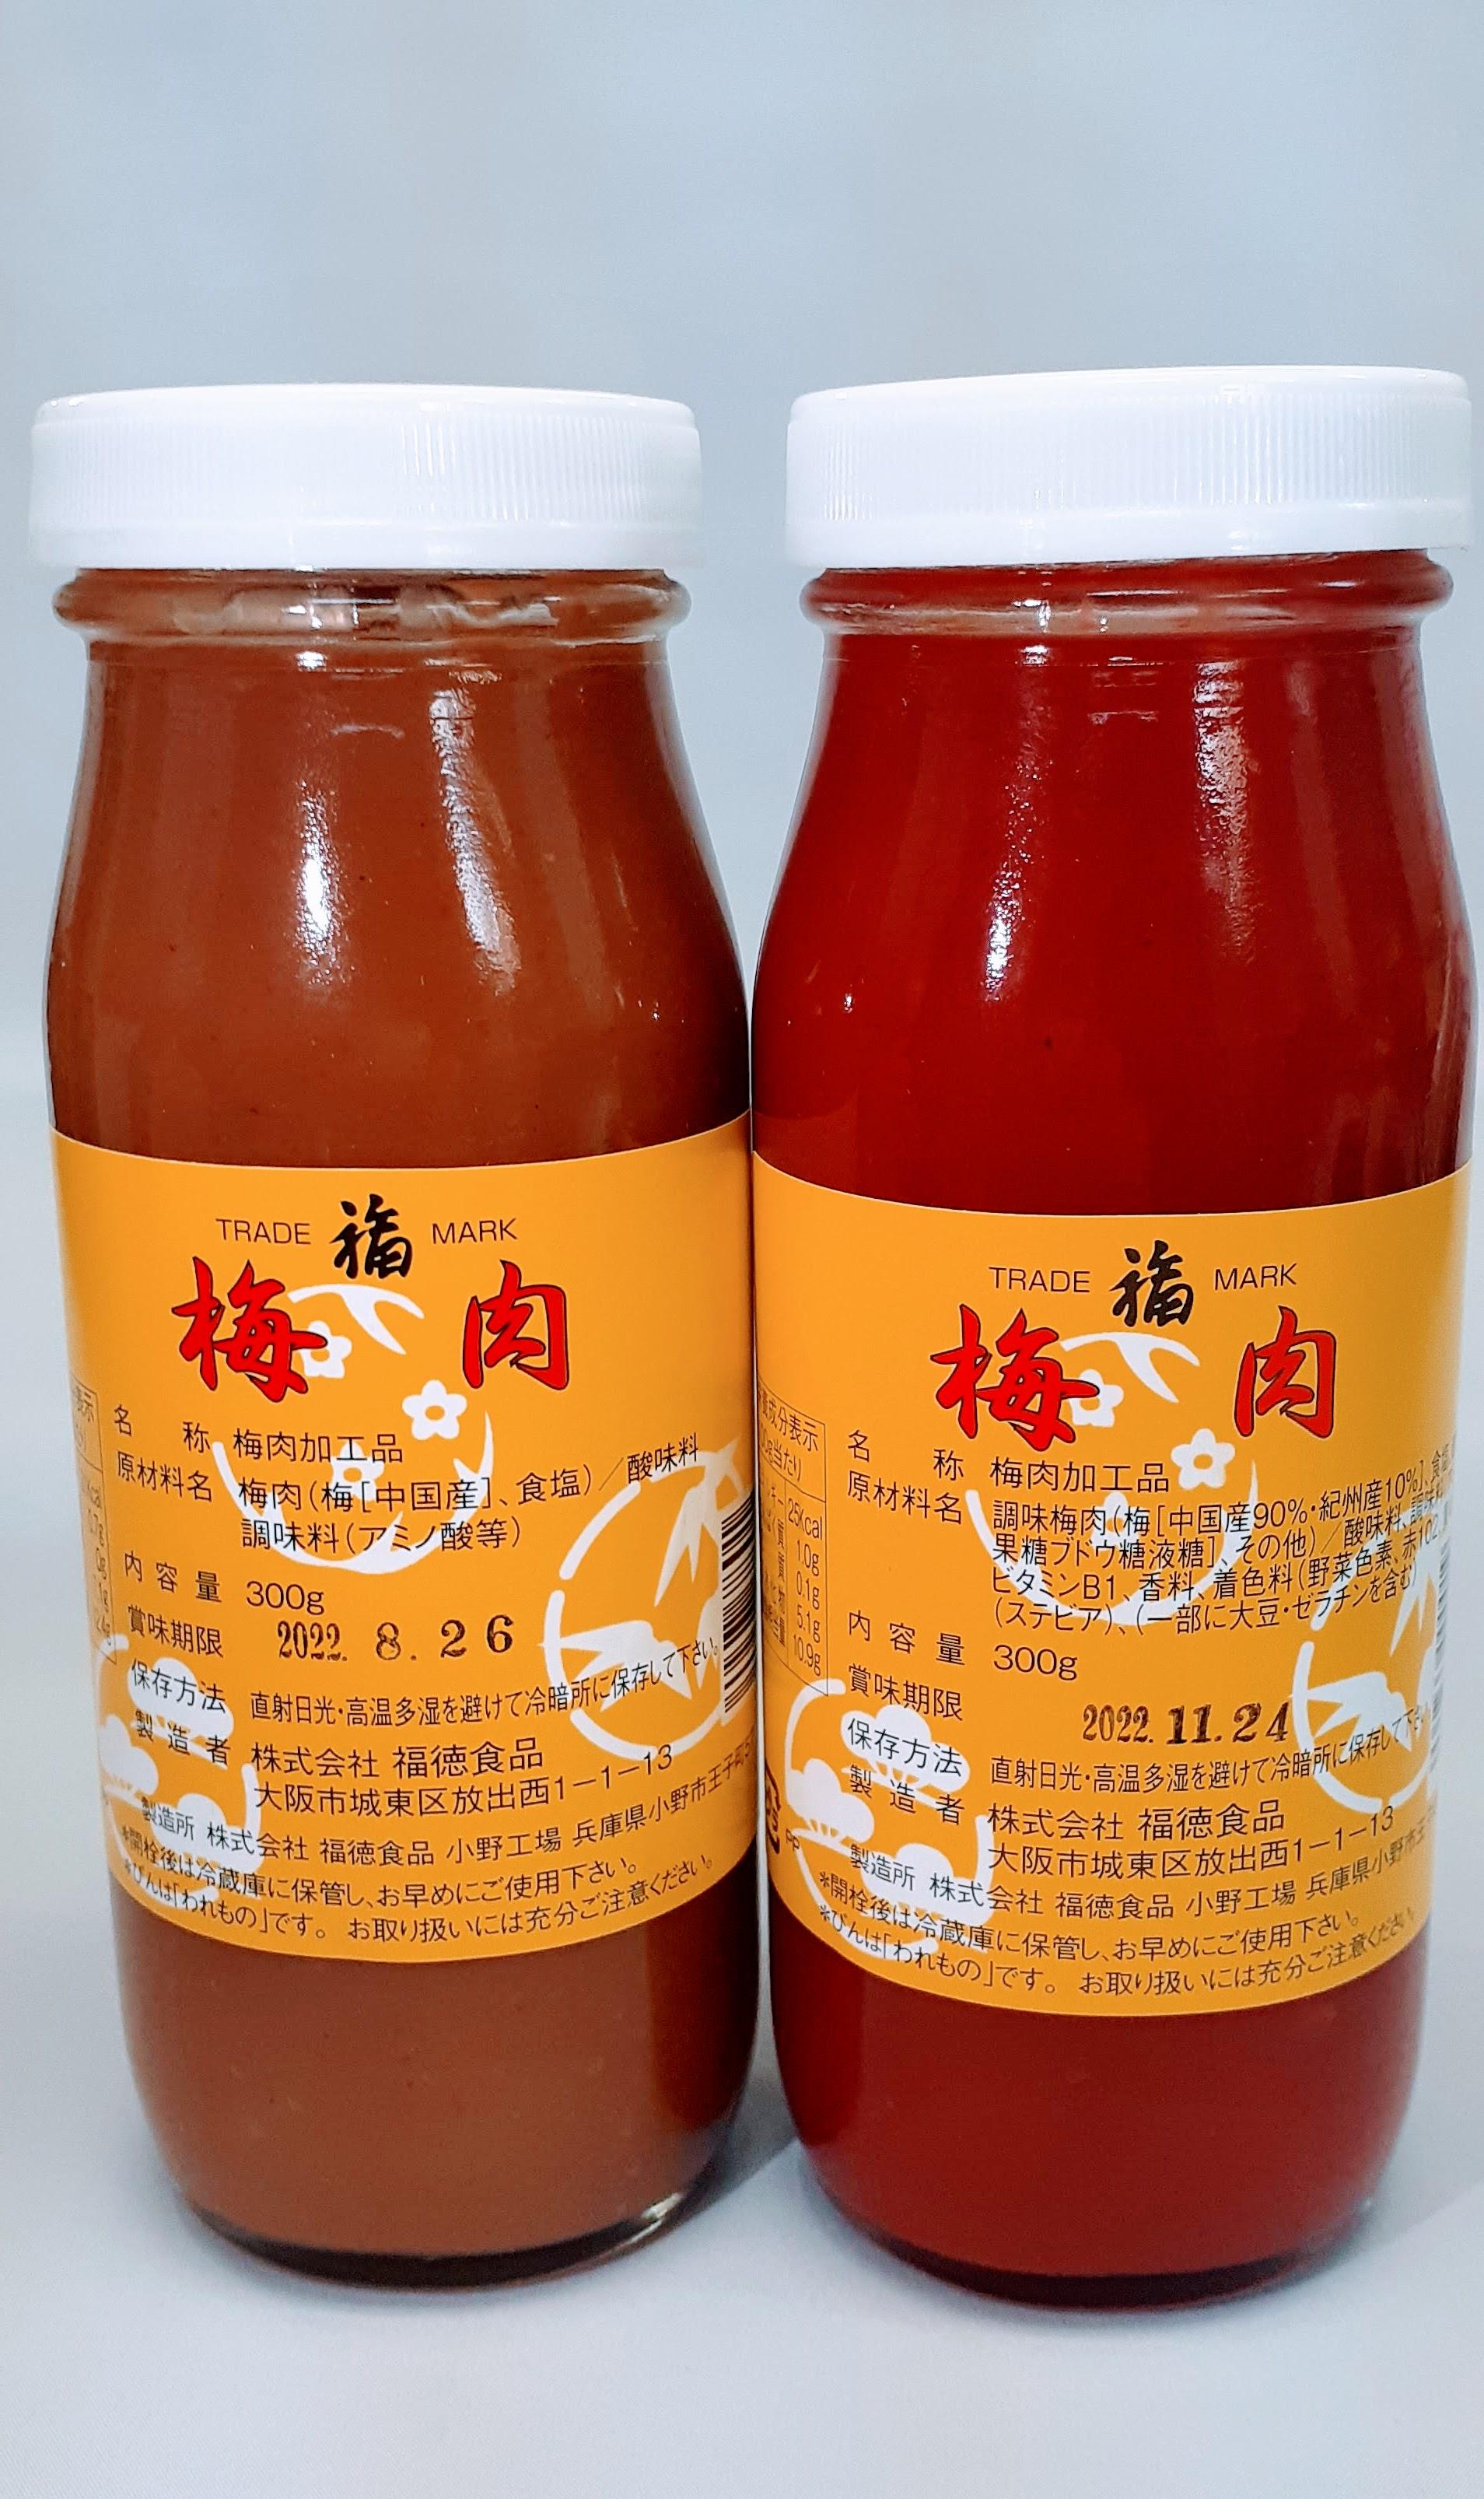 爽やかな酸味でお料理のアクセントに 梅肉 赤白2本セット 賜物 各300g 業務用 選択 常温商品10000円以上で送料無料 調味料